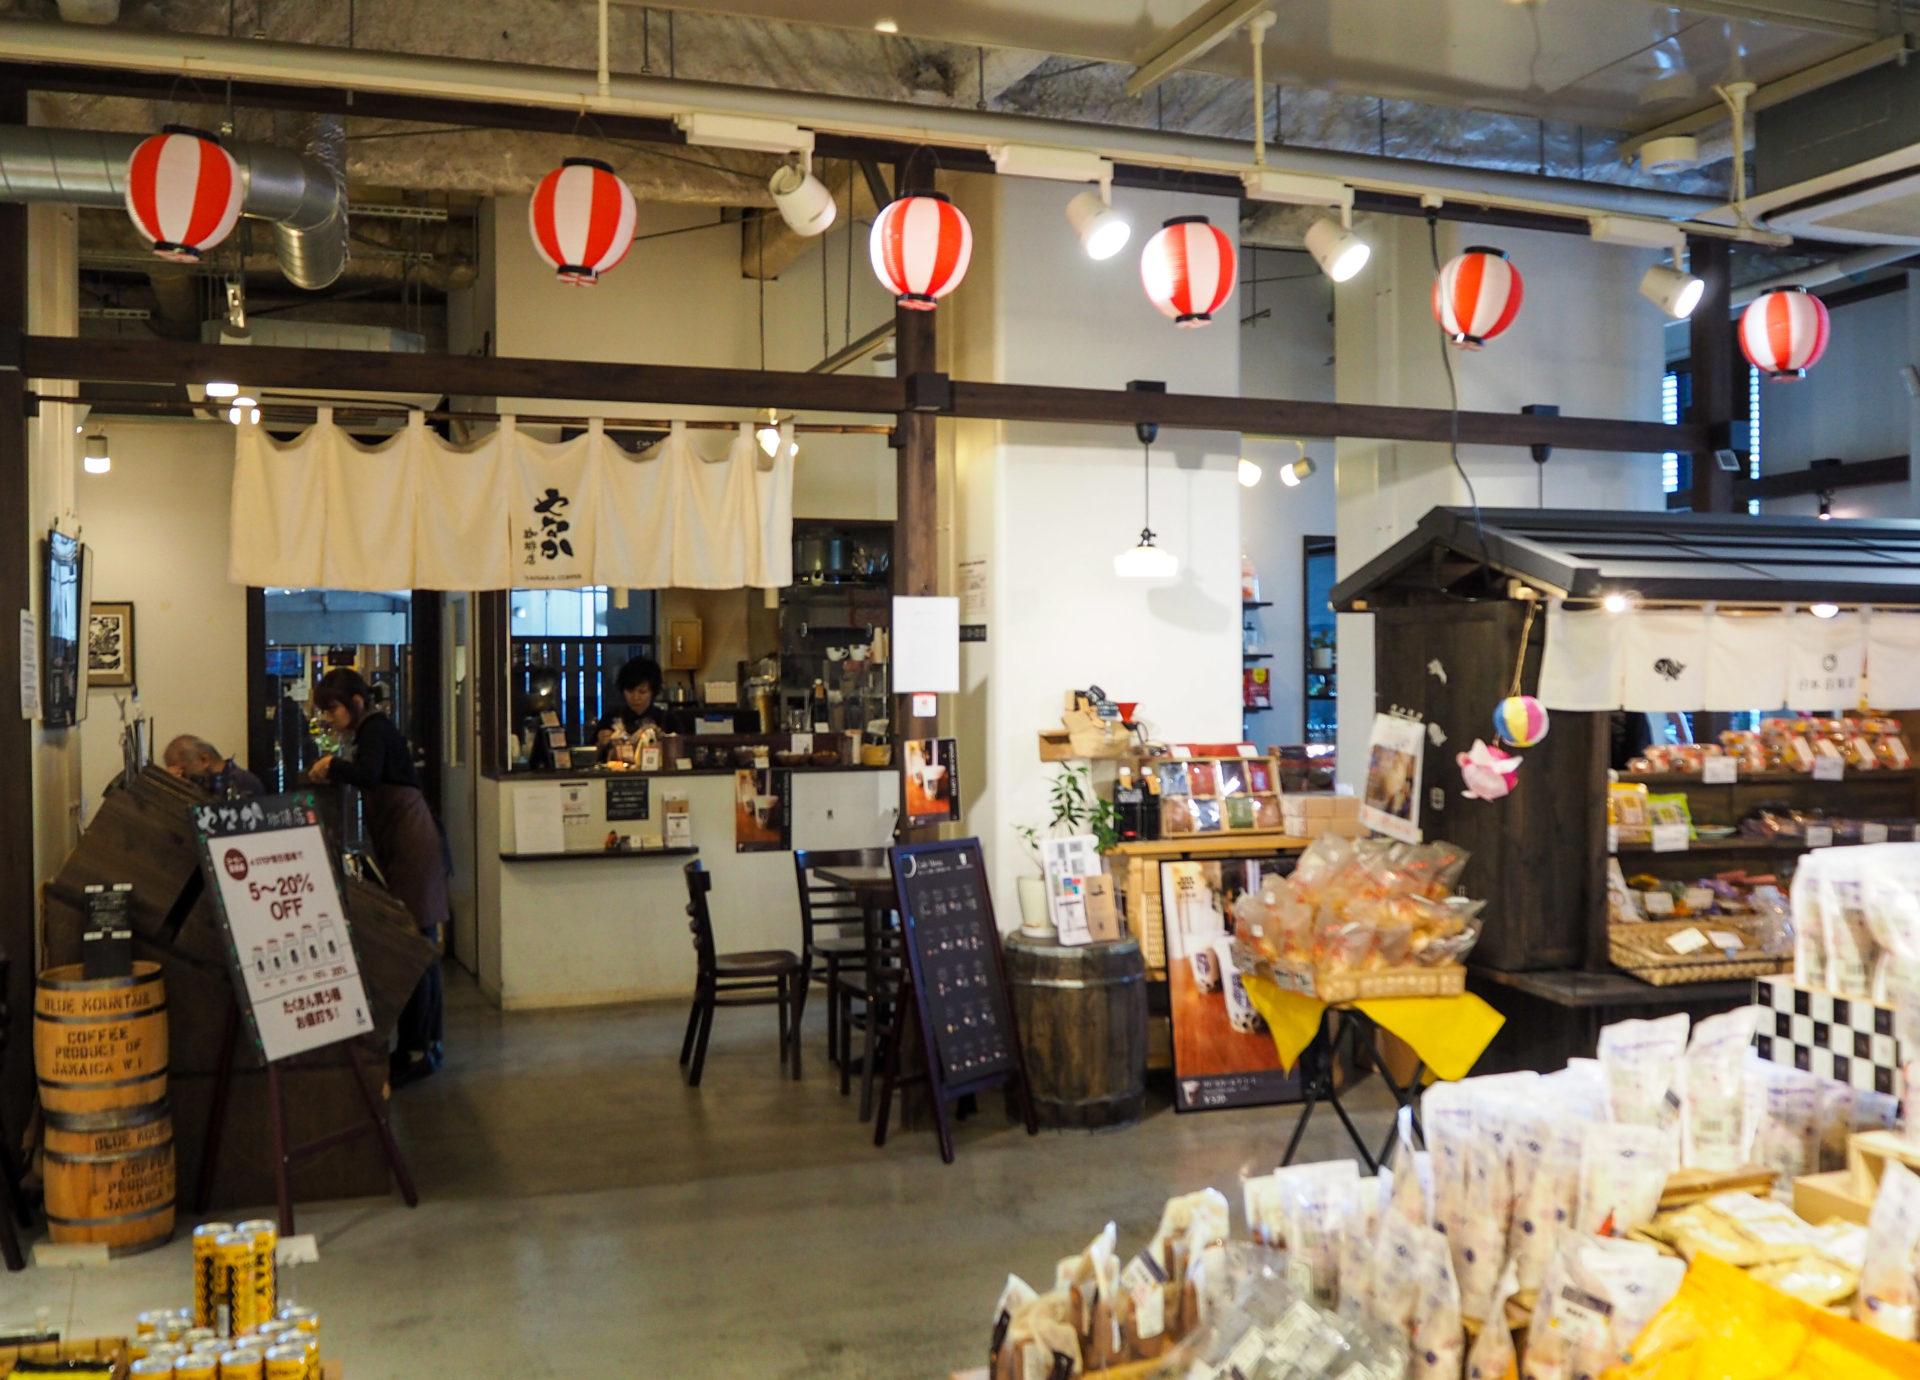 Chabara dans le quartier d'Akihabara à Tokyo - Escale à Tokyo: 24h dans la capitale du Japon - Tokyo en 24h - Récit et itinéraire pour visiter Tokyo en une journée